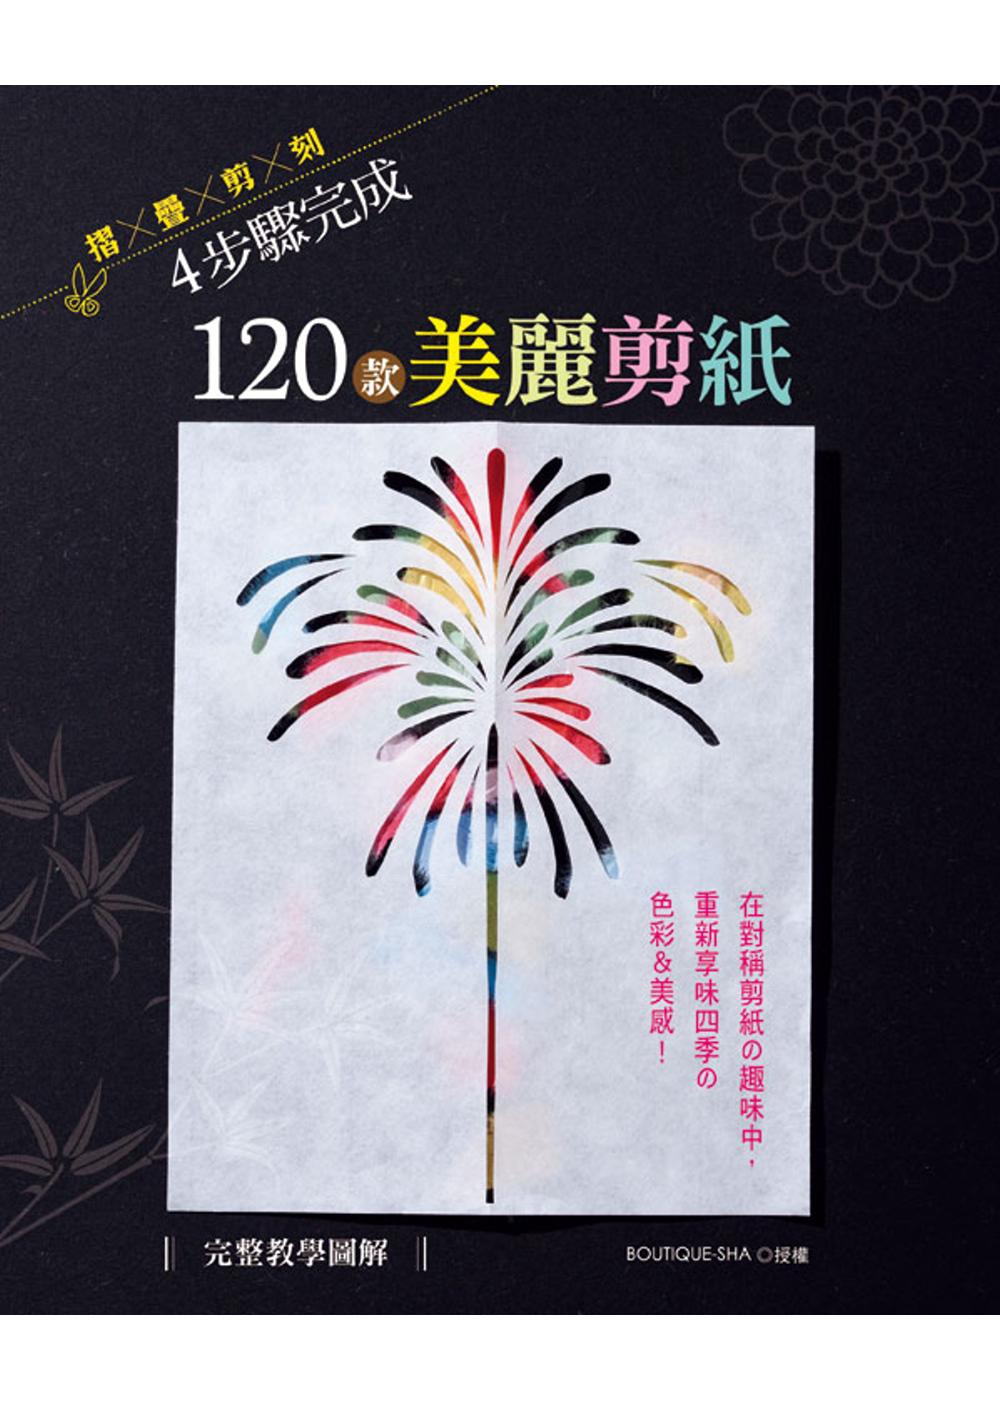 【完整教學圖解】摺×疊×剪×刻4步驟完成120款美麗剪紙